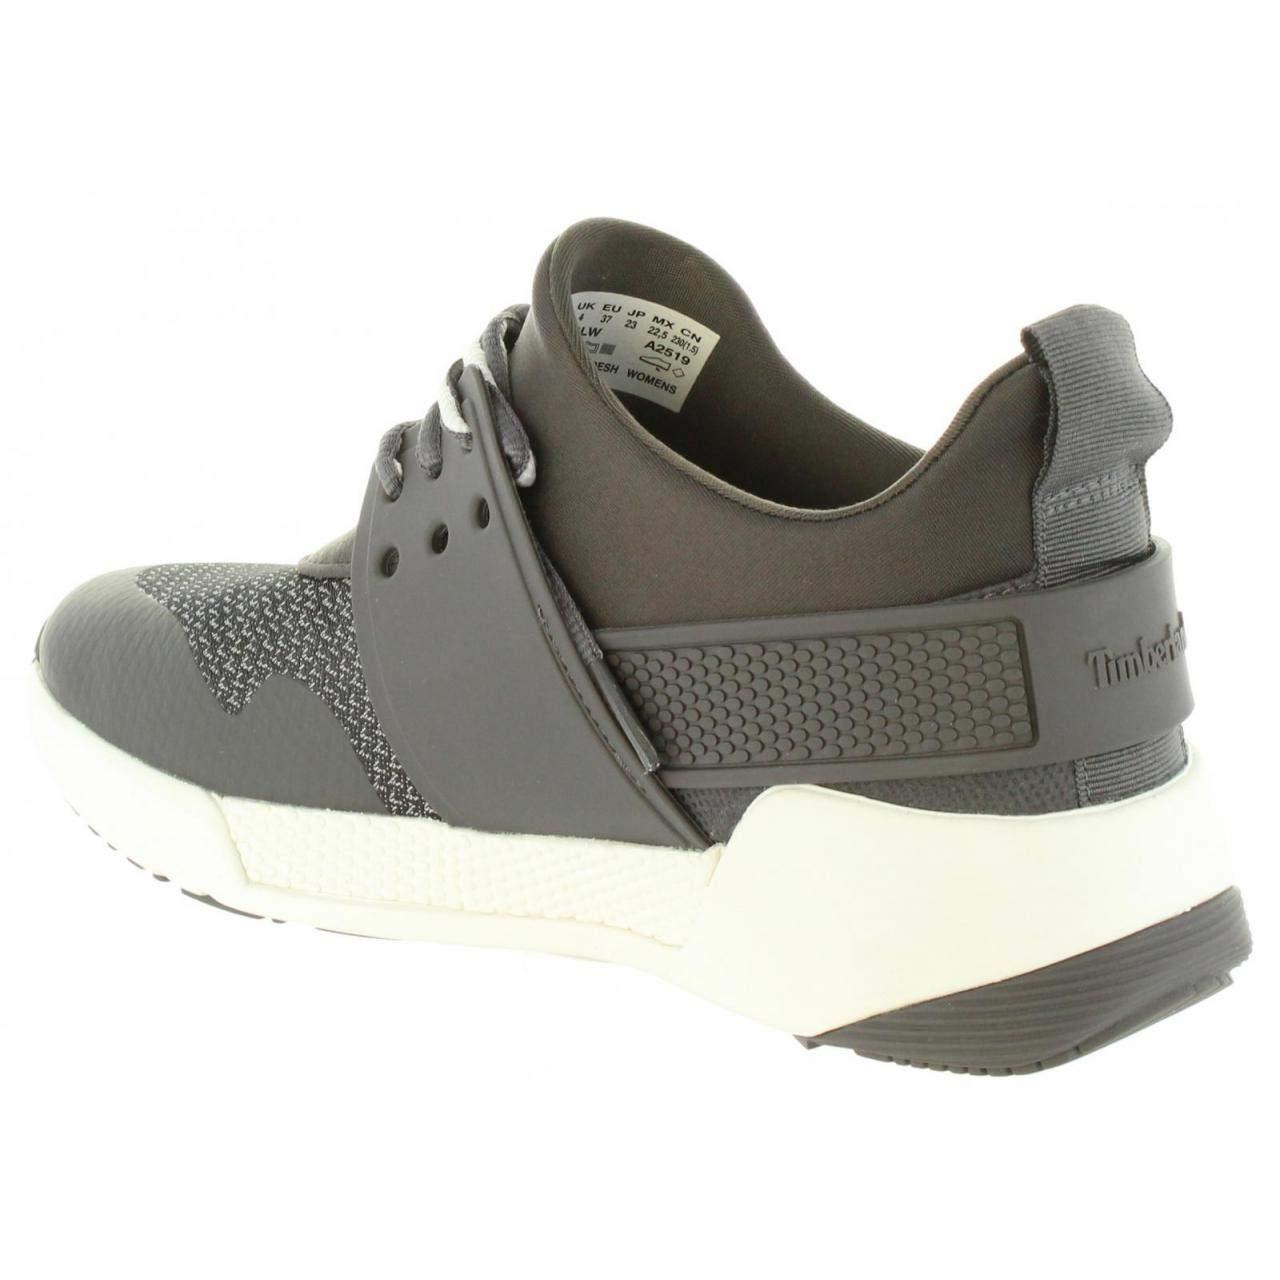 Timberland Sportschuhe für Damen A1SLW KIRI Dark Grey  Amazon.de  Schuhe    Handtaschen e97b2a610a